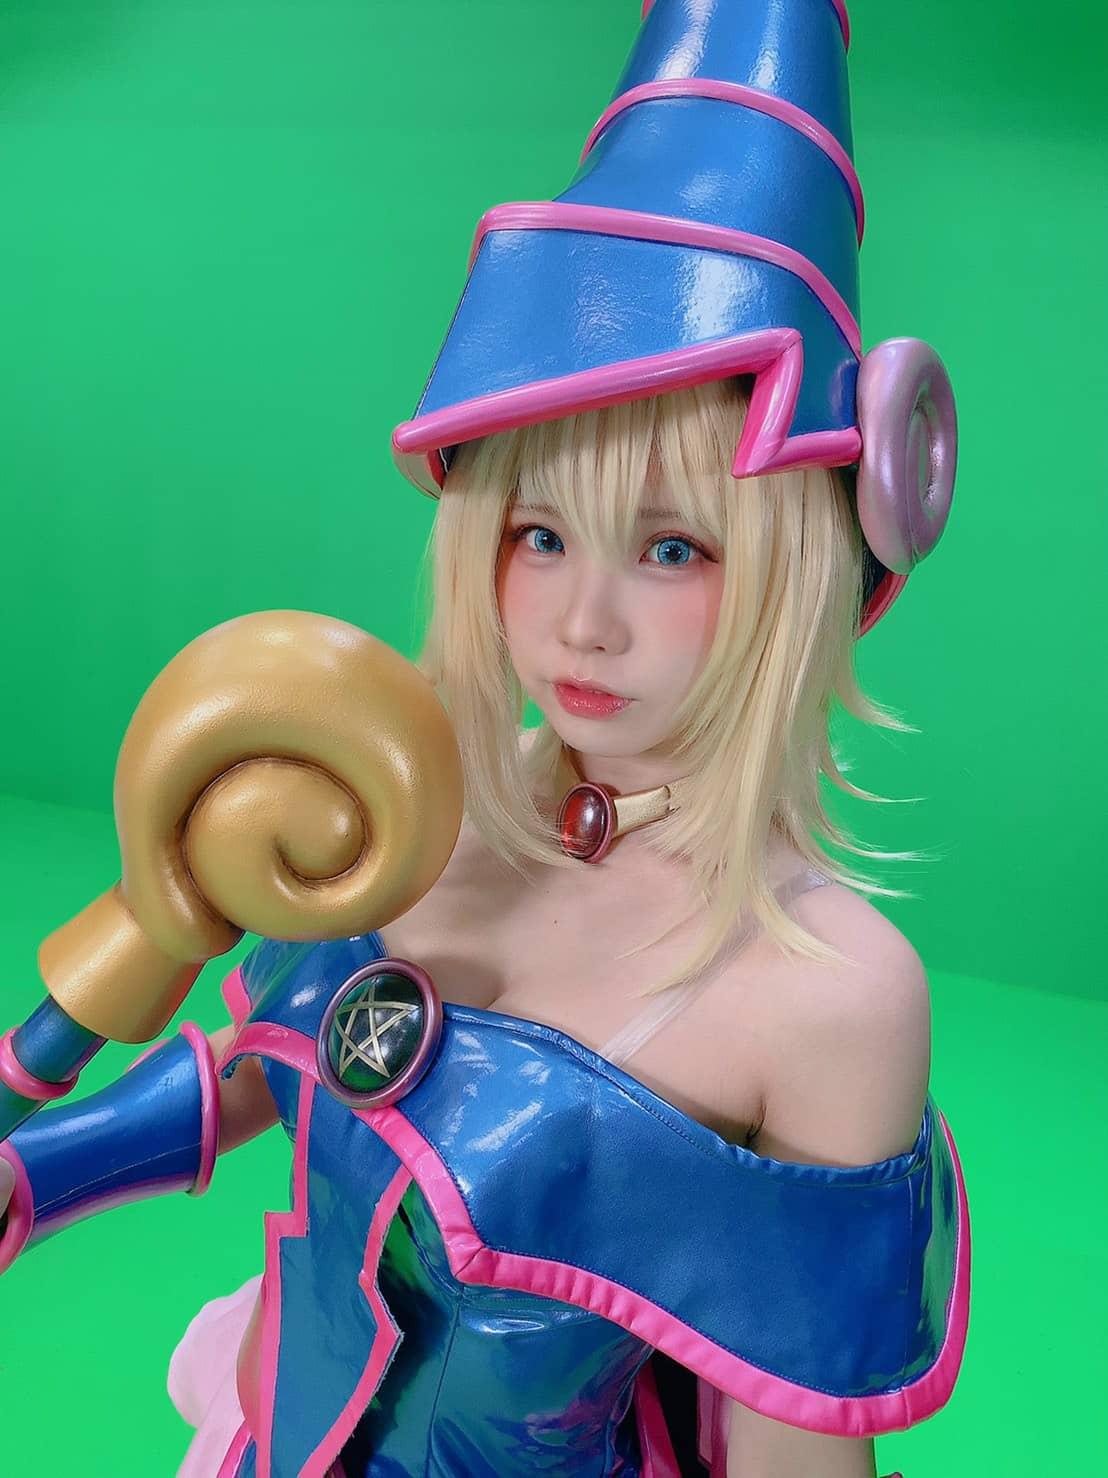 Yu-Gi-Oh! - La enako número 1 de Japón sorprende con un genial cosplay de la maga oscura